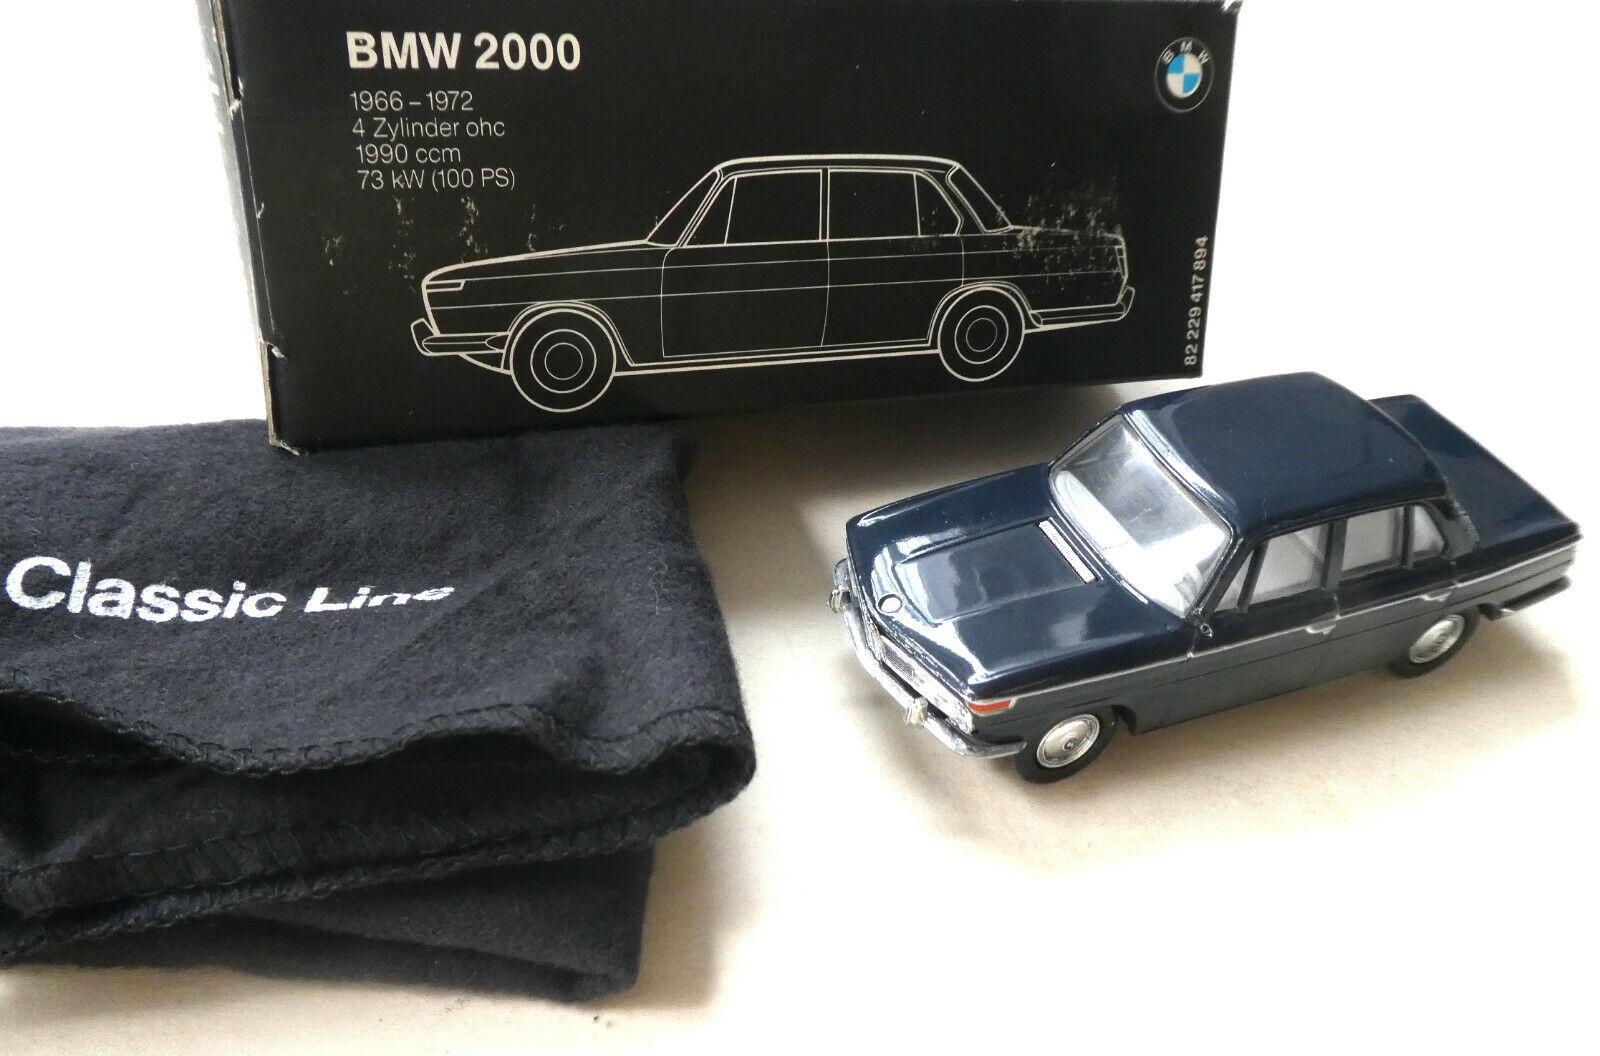 BMW 2000 - 1966 72 - Blau 1 43  Metall von BMW   Schuco in OVP. 3257 xx    Genial Und Praktisch